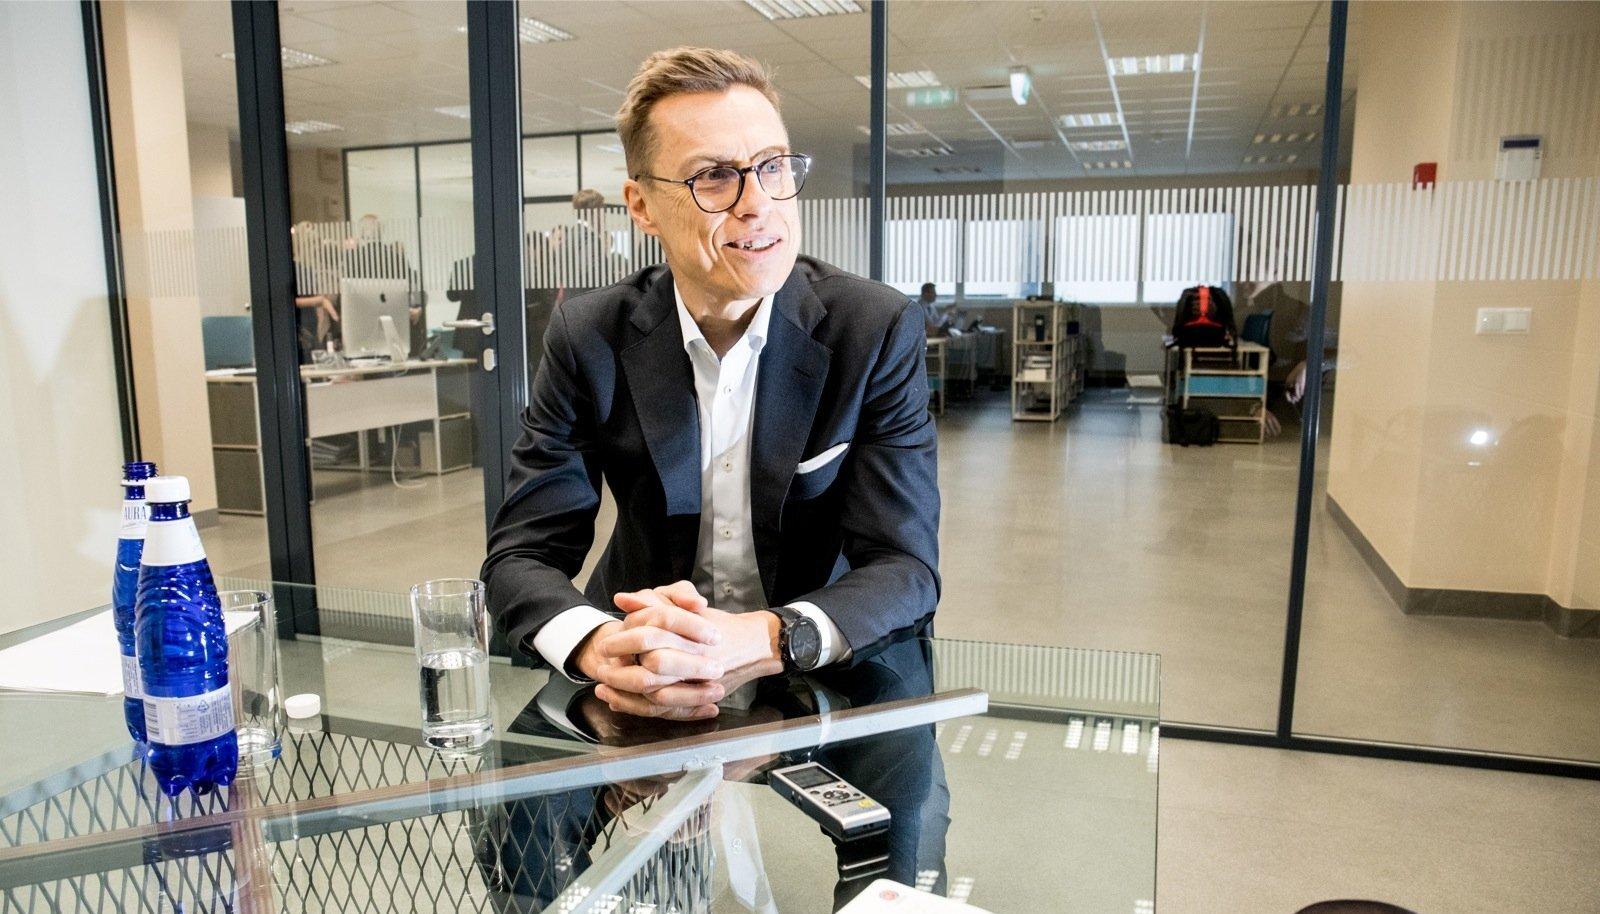 Euroopa Investeerimispanga (EIB) asejuht Alexander Stubb käis Tallinnas töö tõttu, sest Eesti ettevõte Elcogen sai EIB-lt 12 miljonit eurot laenu.